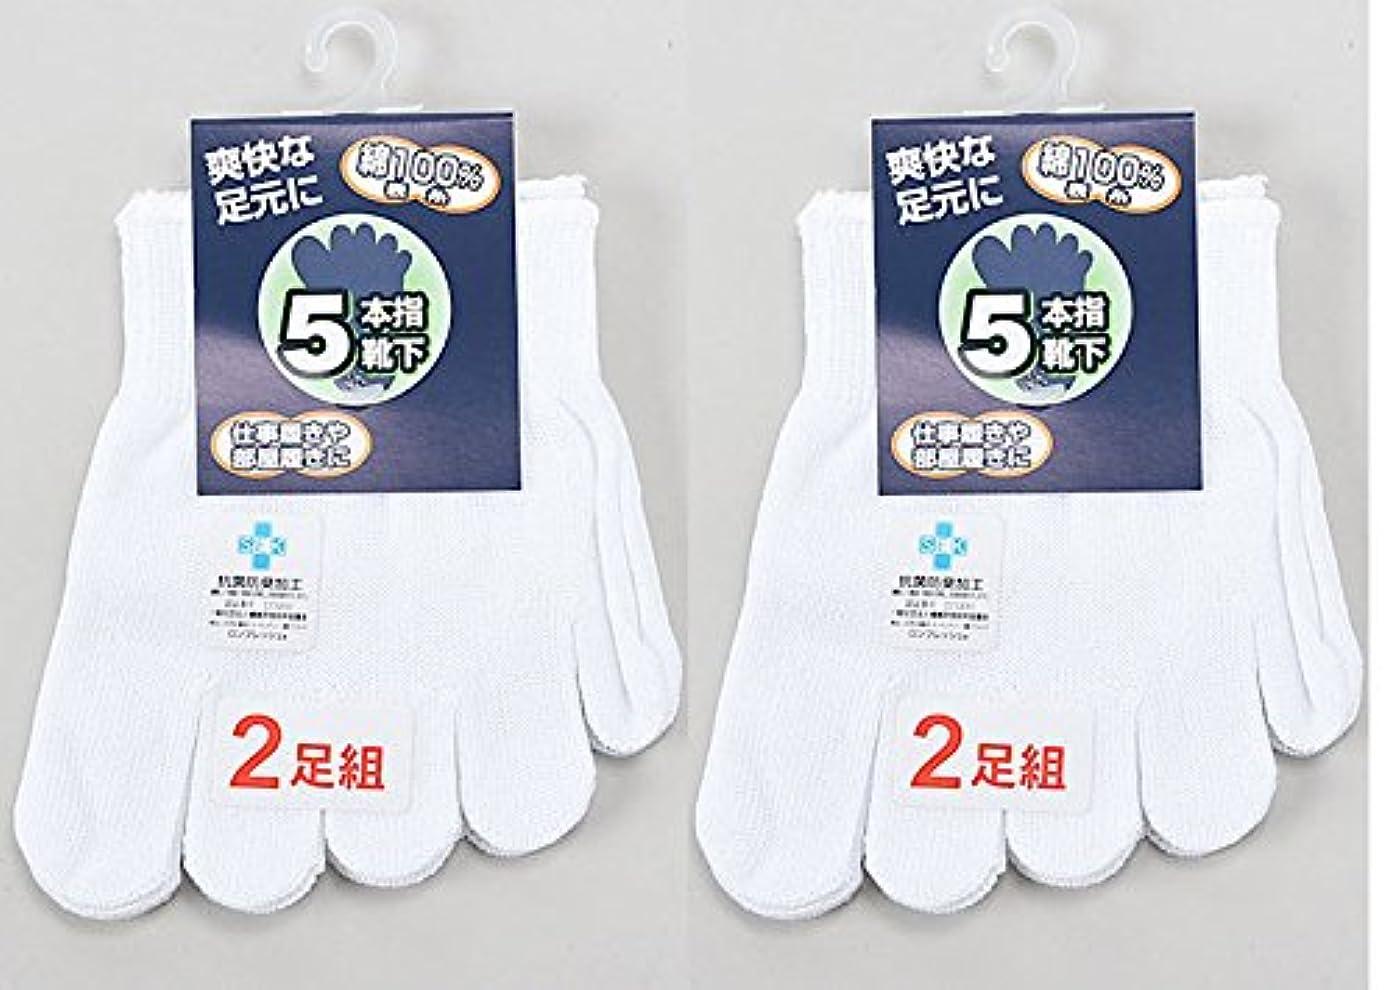 上流の保守可能情熱的日本製 5本指ハーフソックス 表糸綿100% つま先5本指フットカバー オフ白4足組